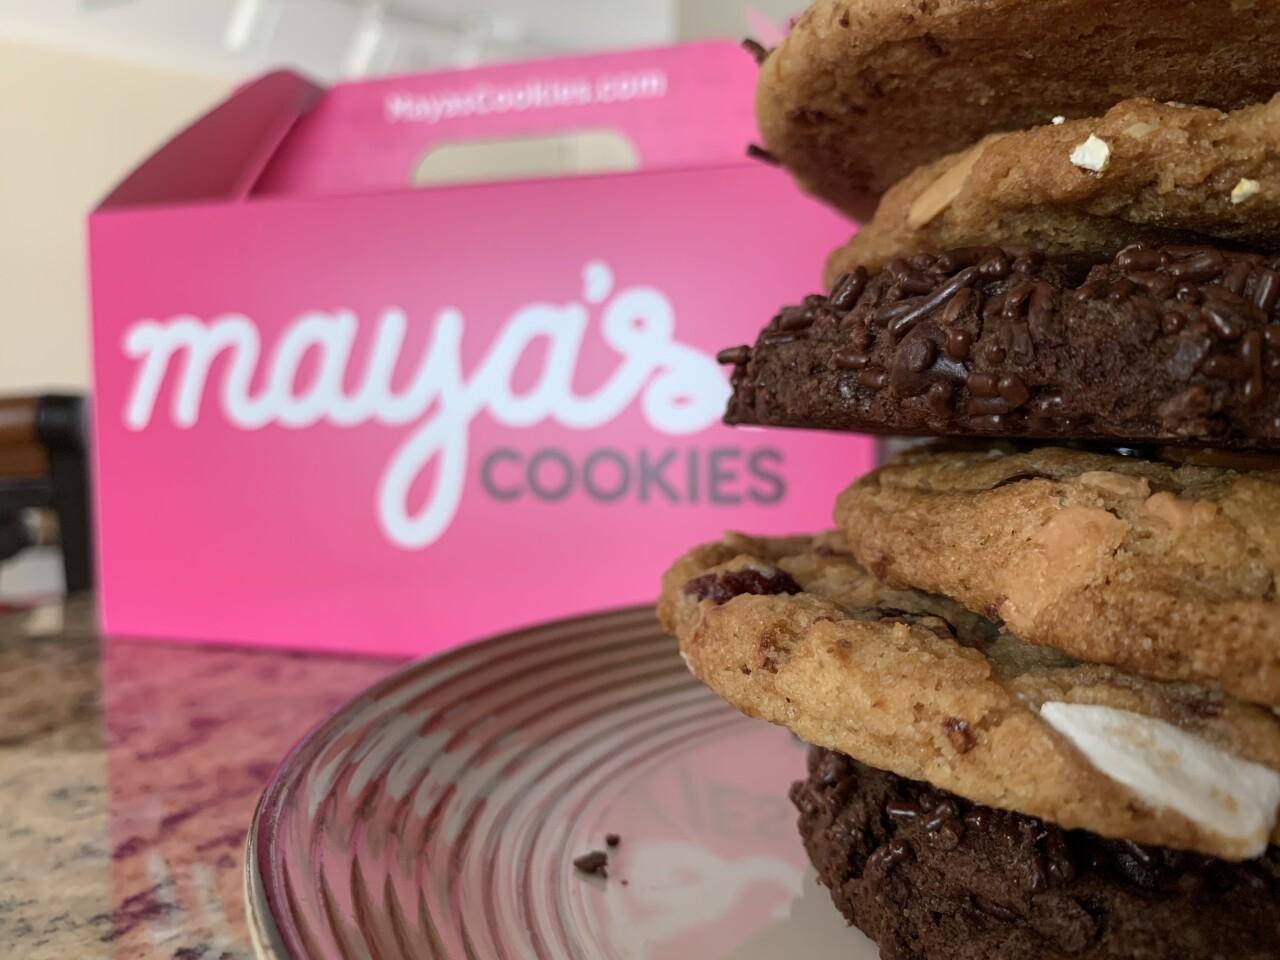 Maya's cookies to go